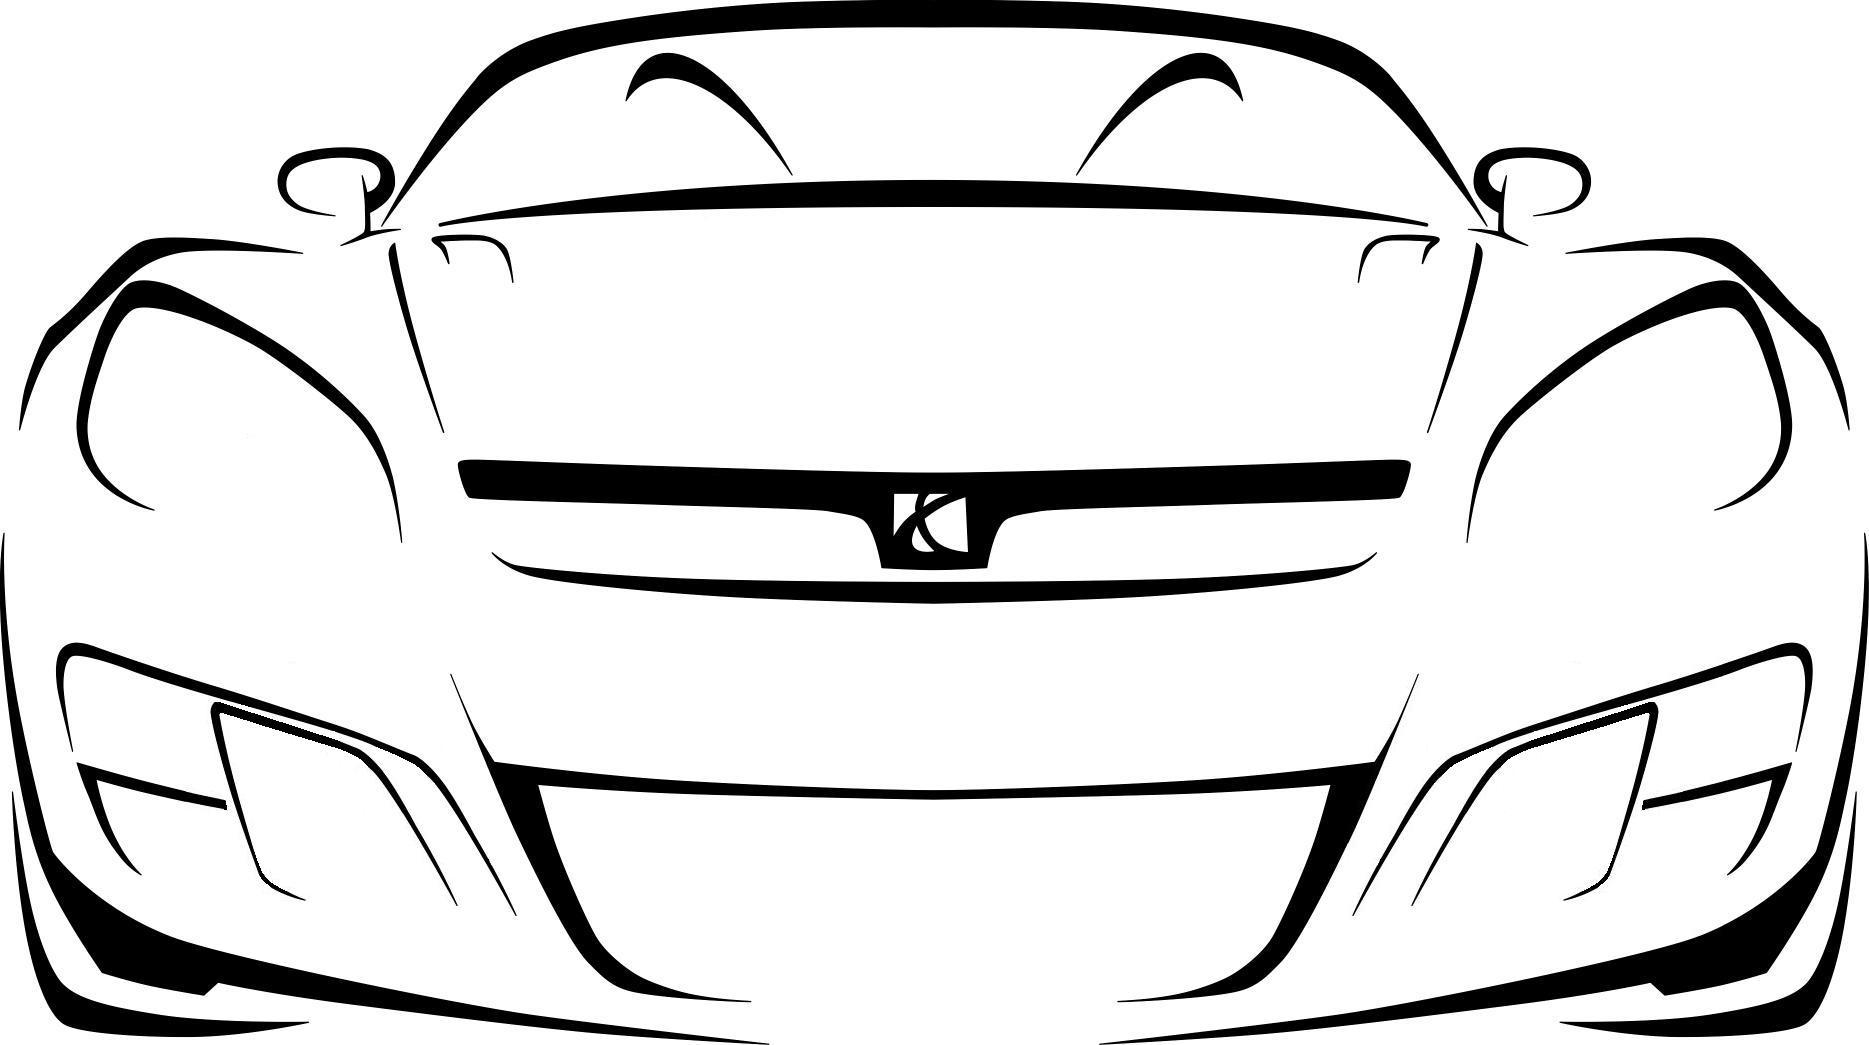 Race Car Outline